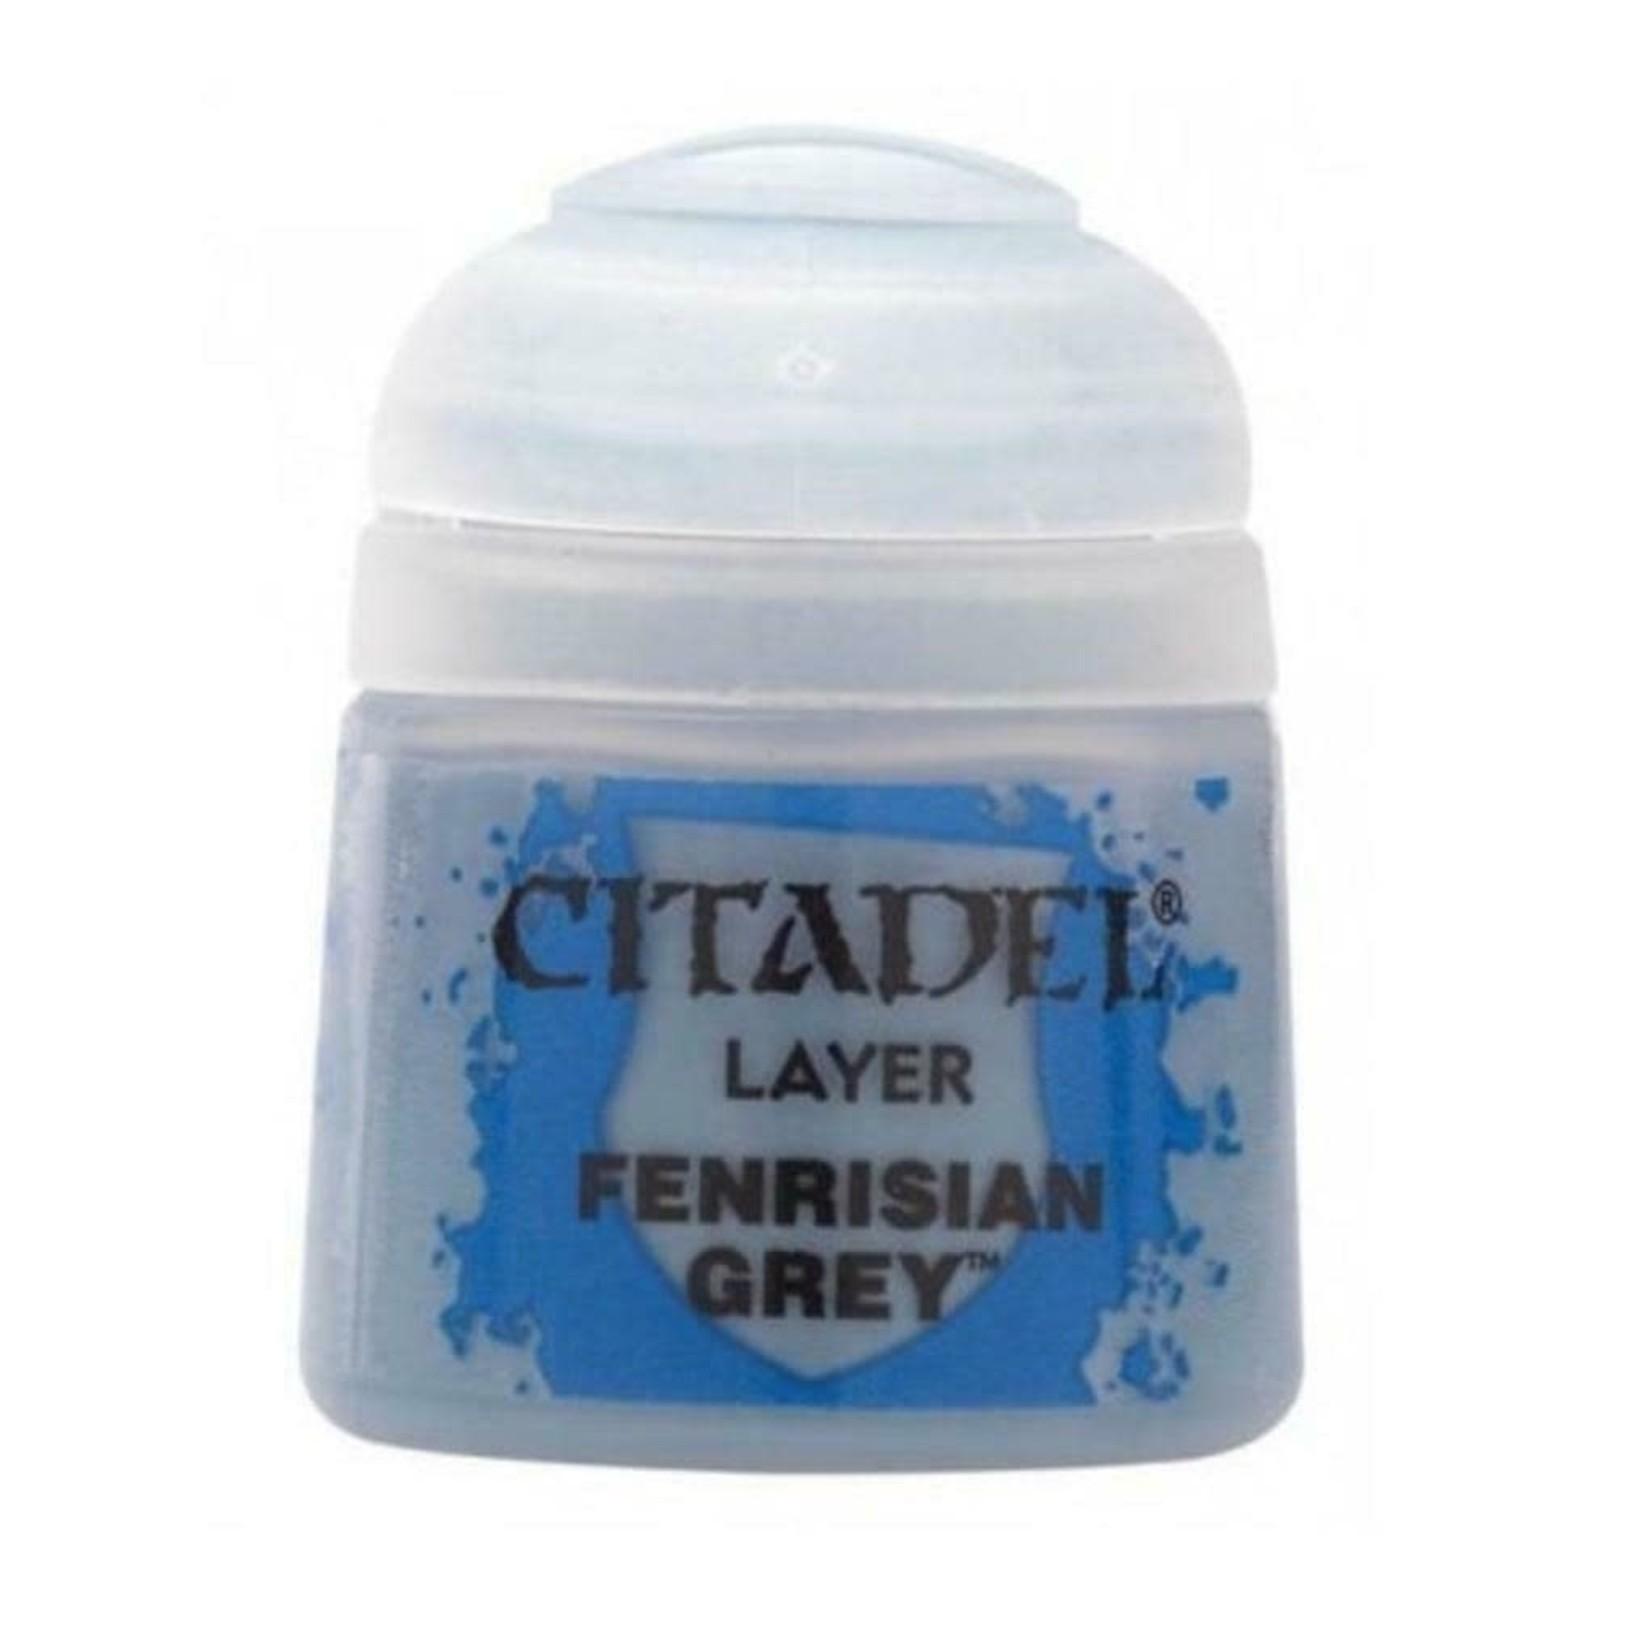 Games Workshop Citadel Paint: Fenrisian Grey 12ml